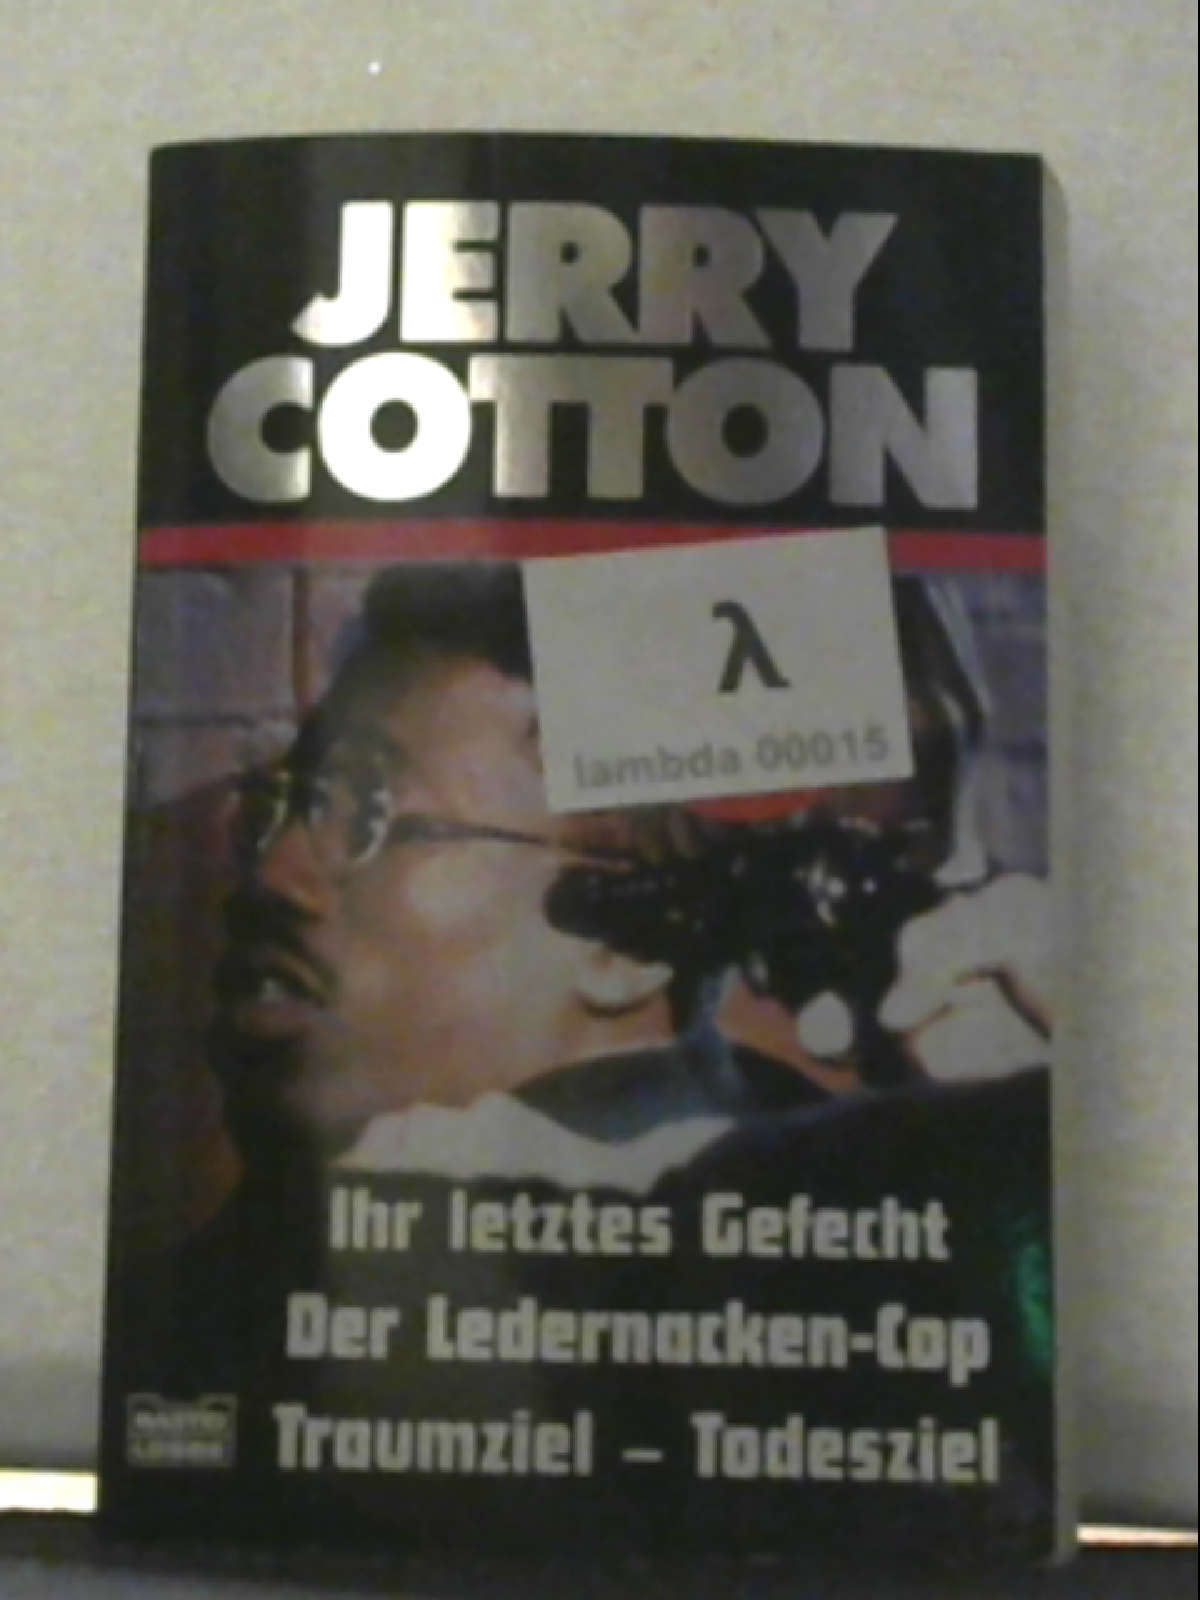 Ihr letztes Gefecht/Der Kopfgeldjäger/Traumziel - Todesziel (Cotton Jubiläumssonderbände. Bastei Lübbe Taschenbücher)